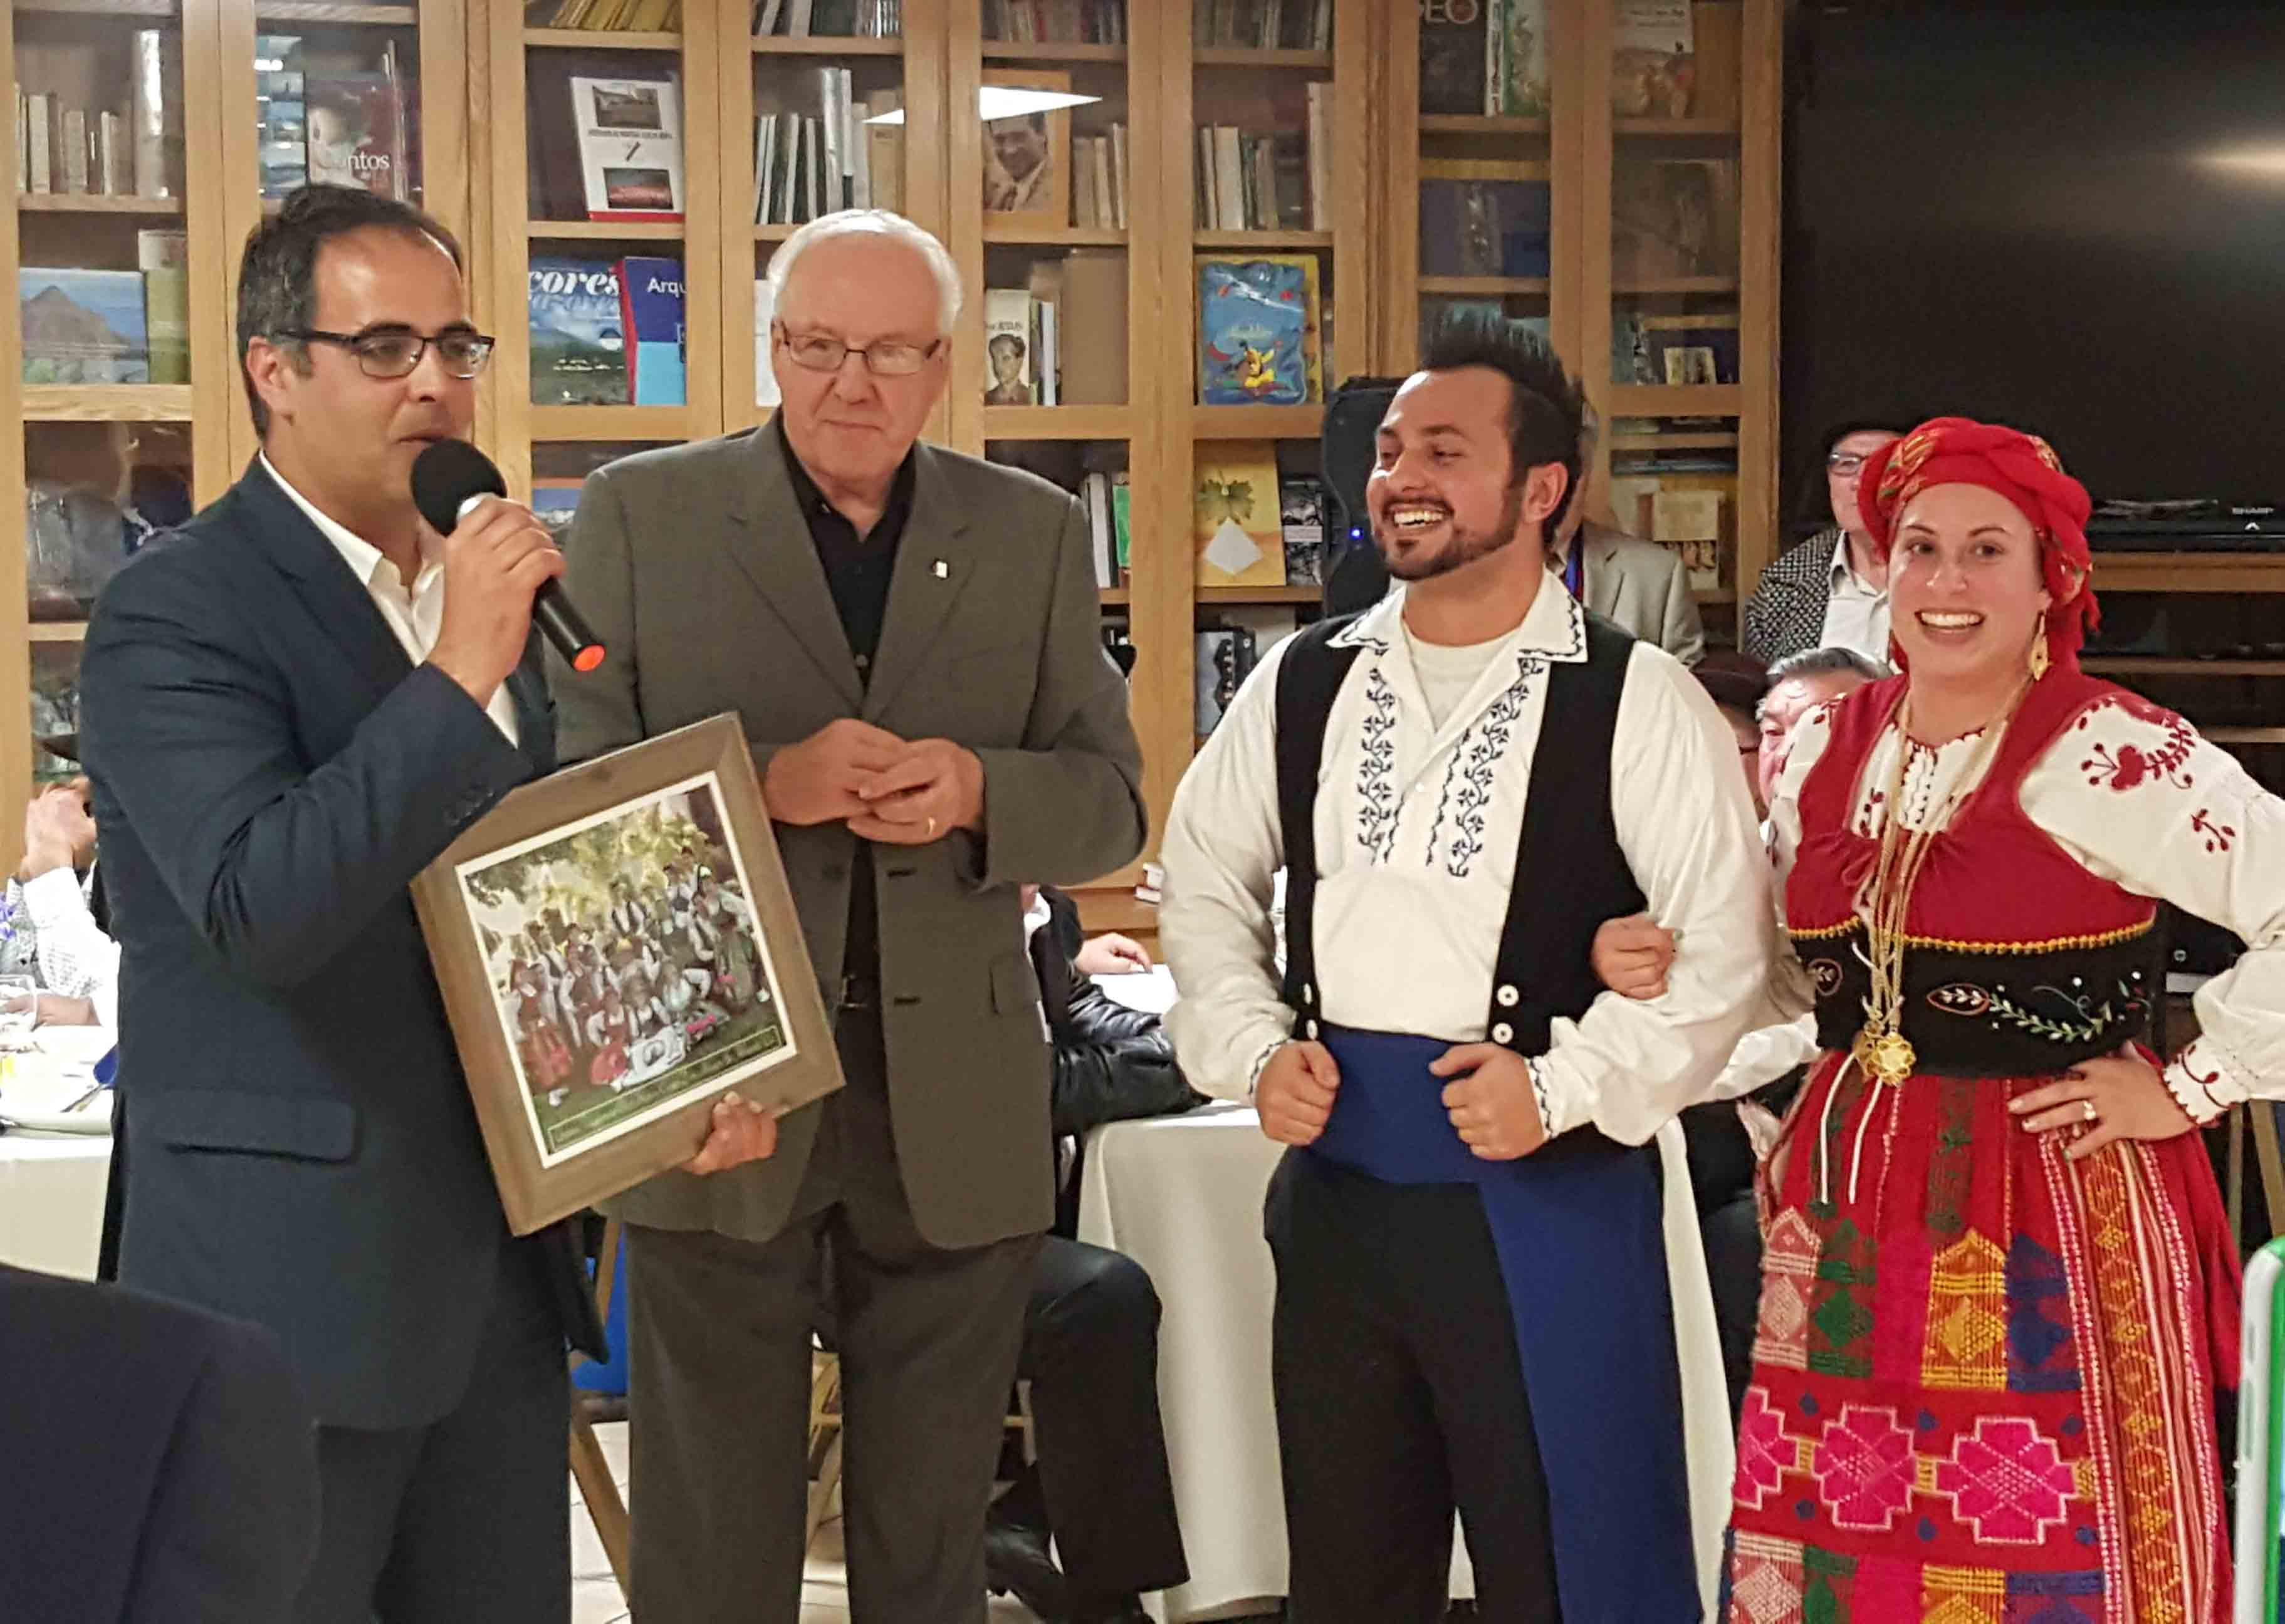 Diretor Regional das Comunidades elogia compromisso dos jovens açordescendentes com a preservação da identidade açoriana